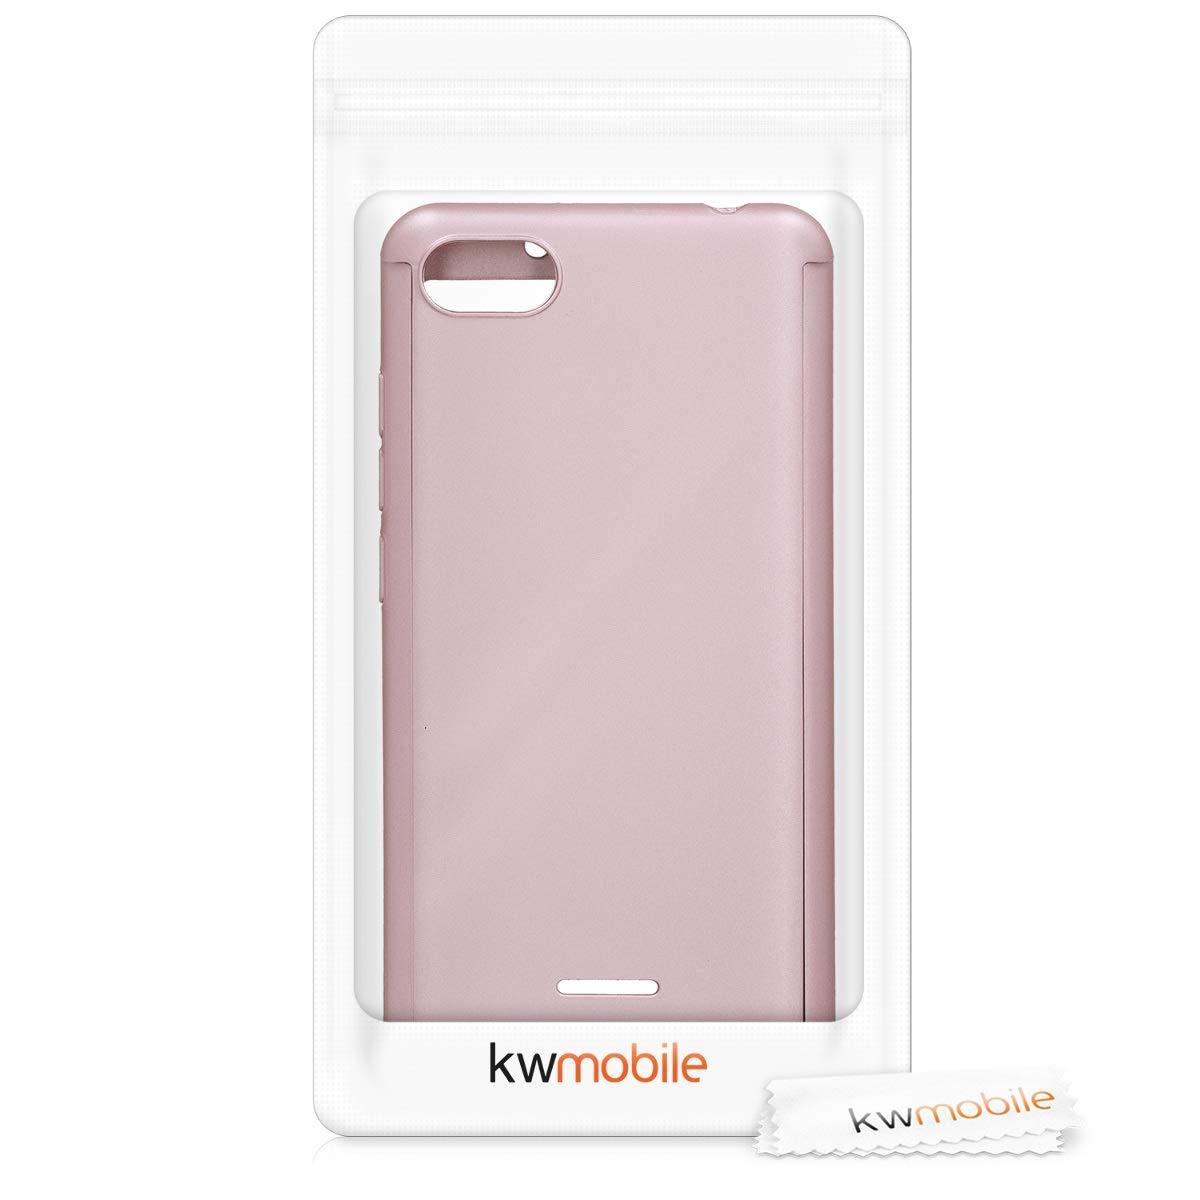 /Étui Double avec Protection /écran Coque pour Xiaomi Redmi 6A Or Rose m/étallique kwmobile Coque Xiaomi Redmi 6A